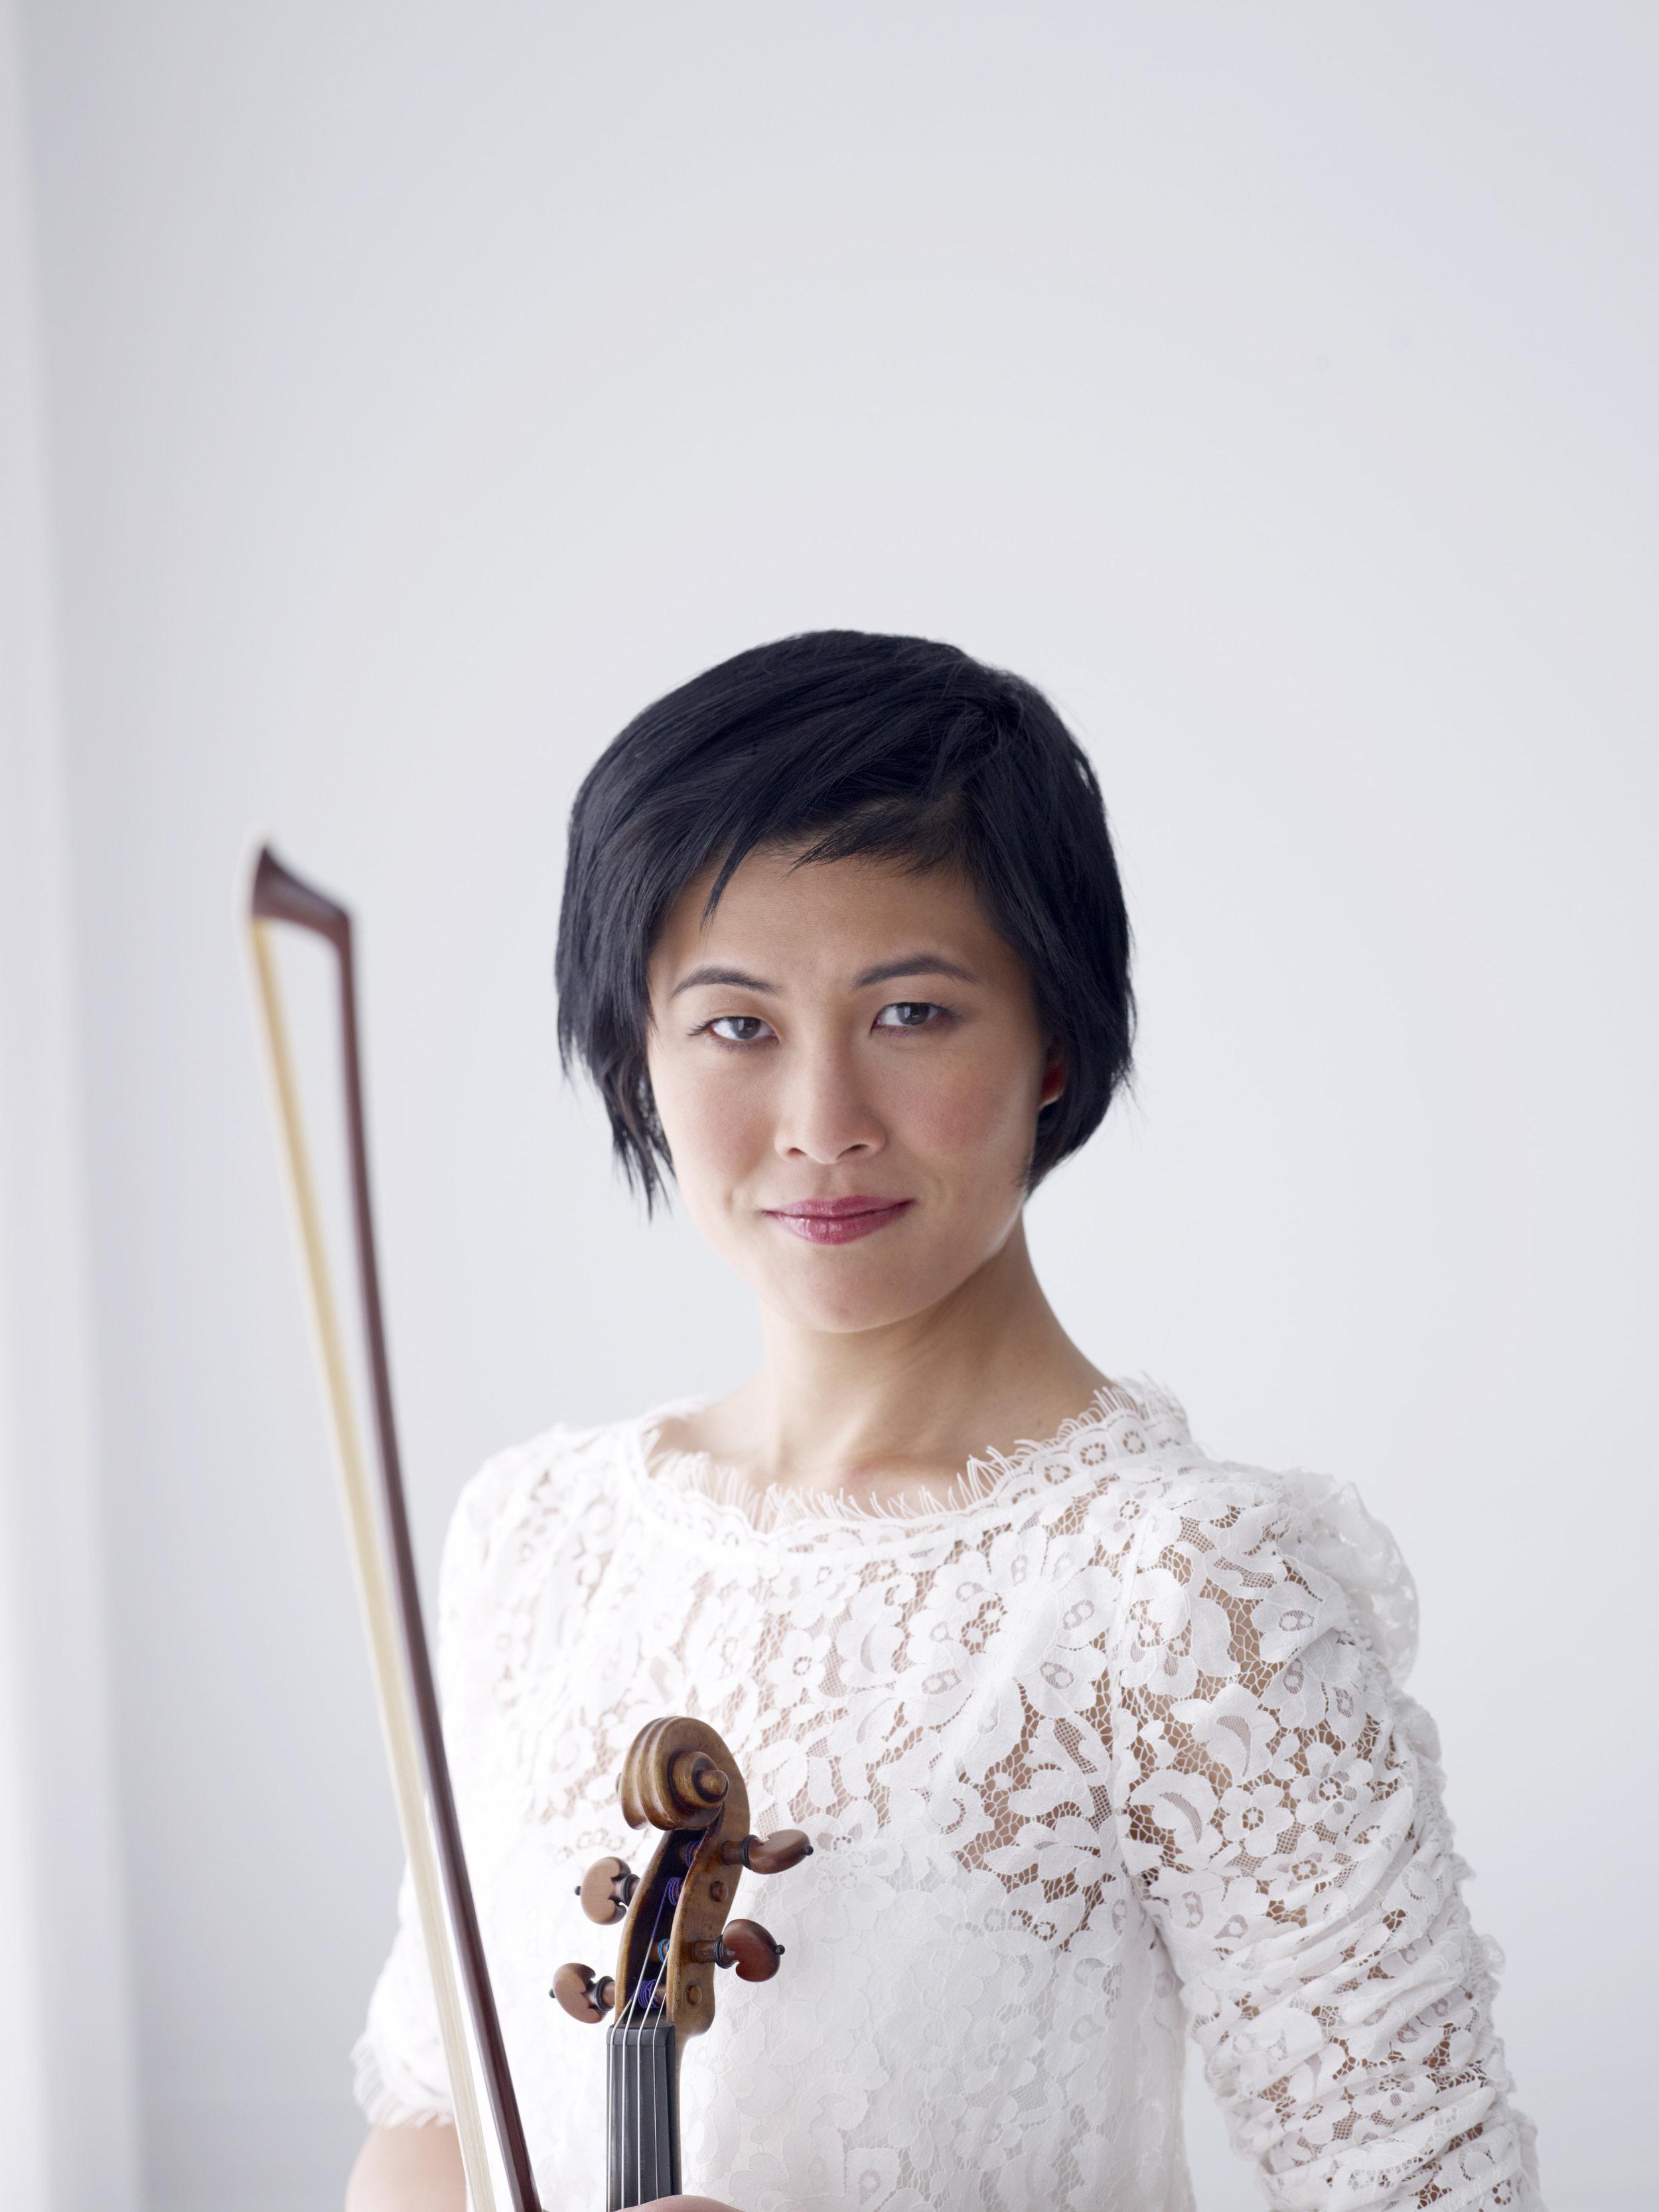 Jennifer Koh by Juergen Frank